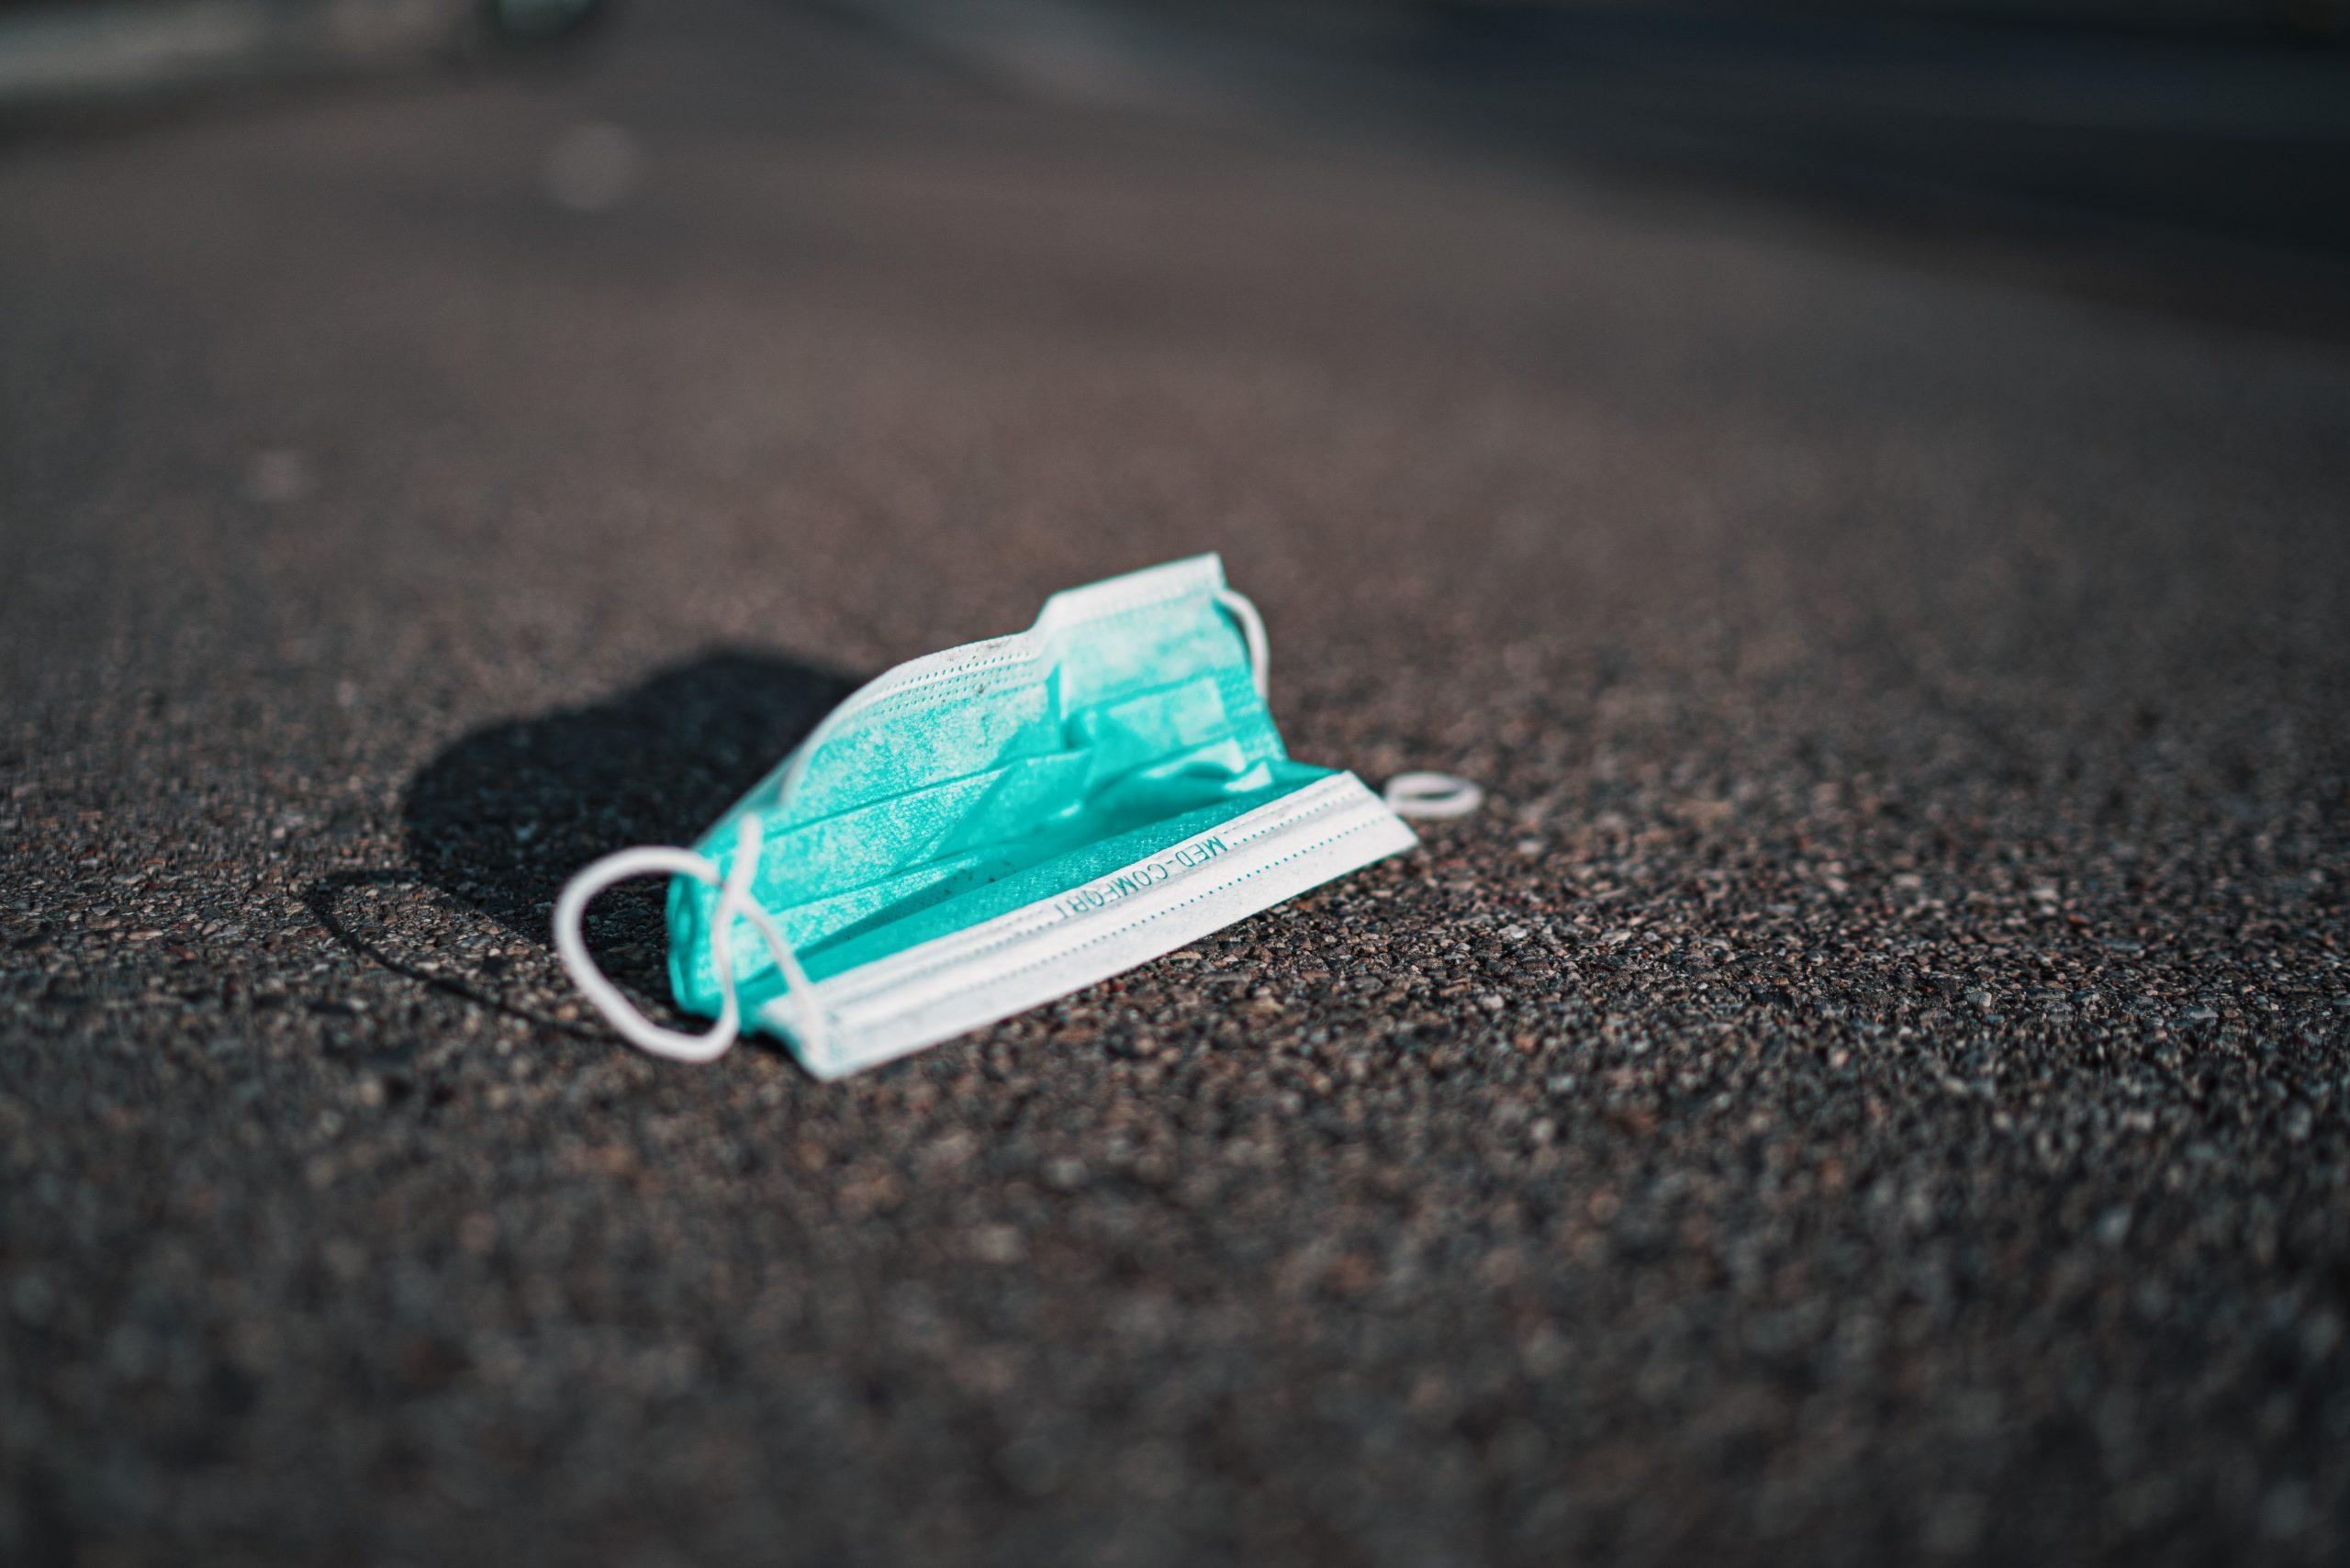 A mask fallen on road